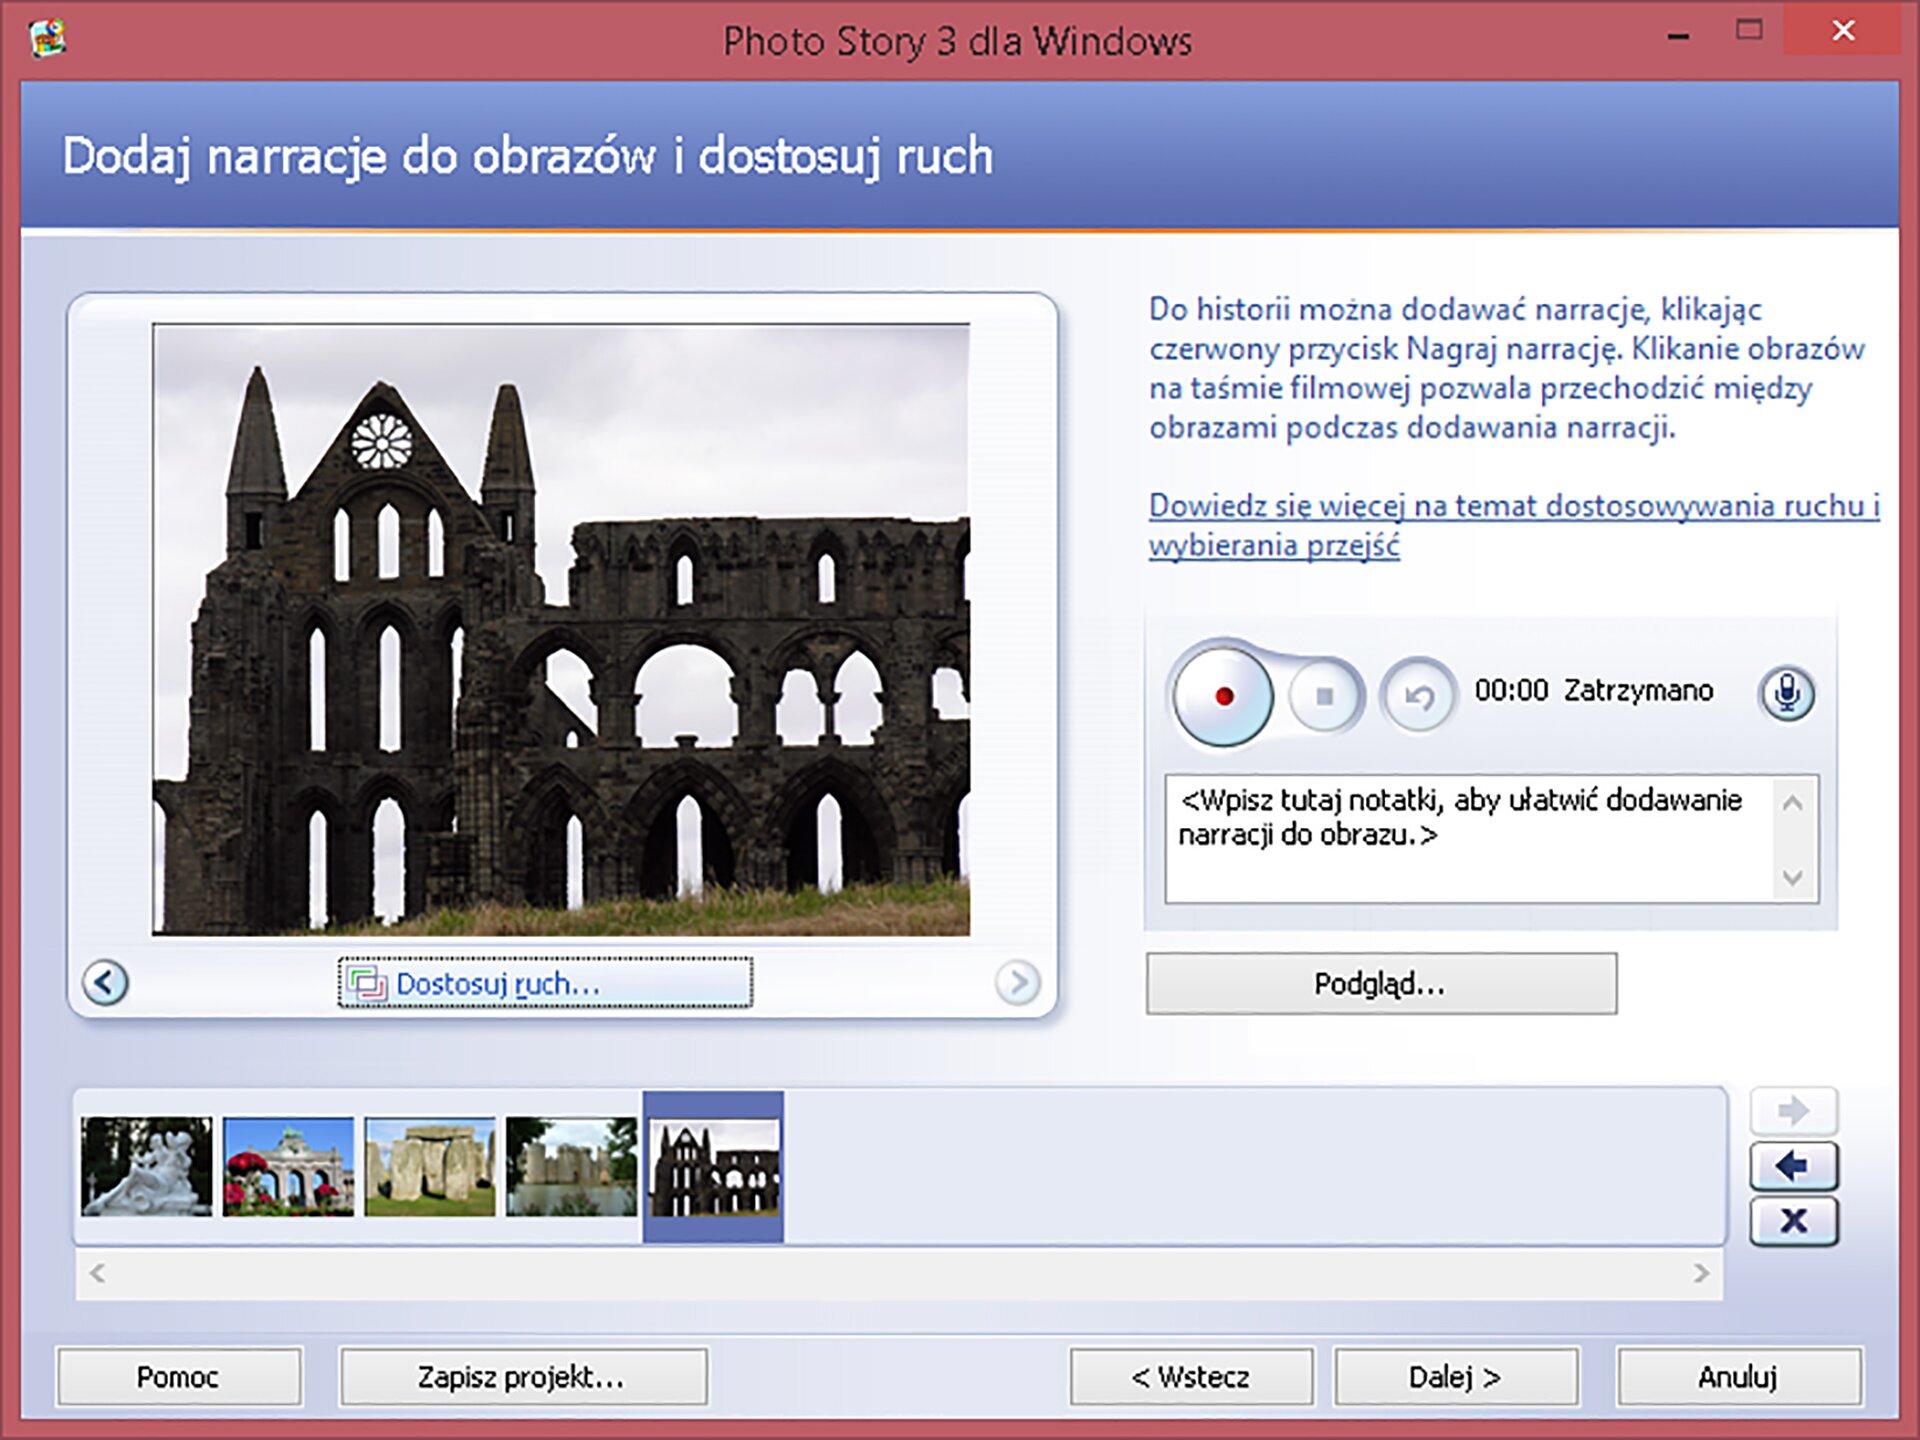 Zrzut okna: Dodaj narracje do obrazów idostosuj ruch wprogramie Photo Story 3 dla Windows